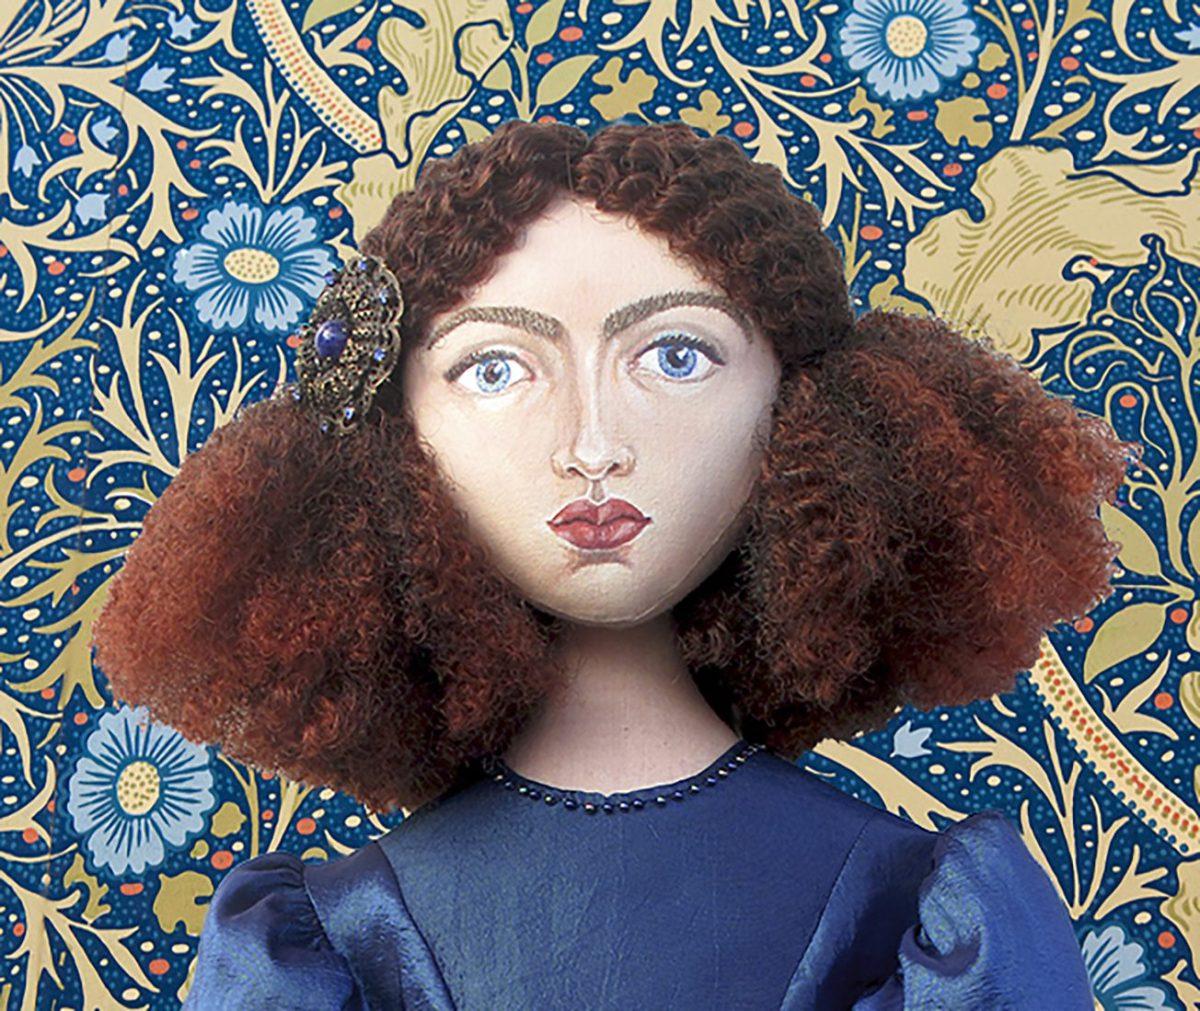 Rossetti's Jane Morris